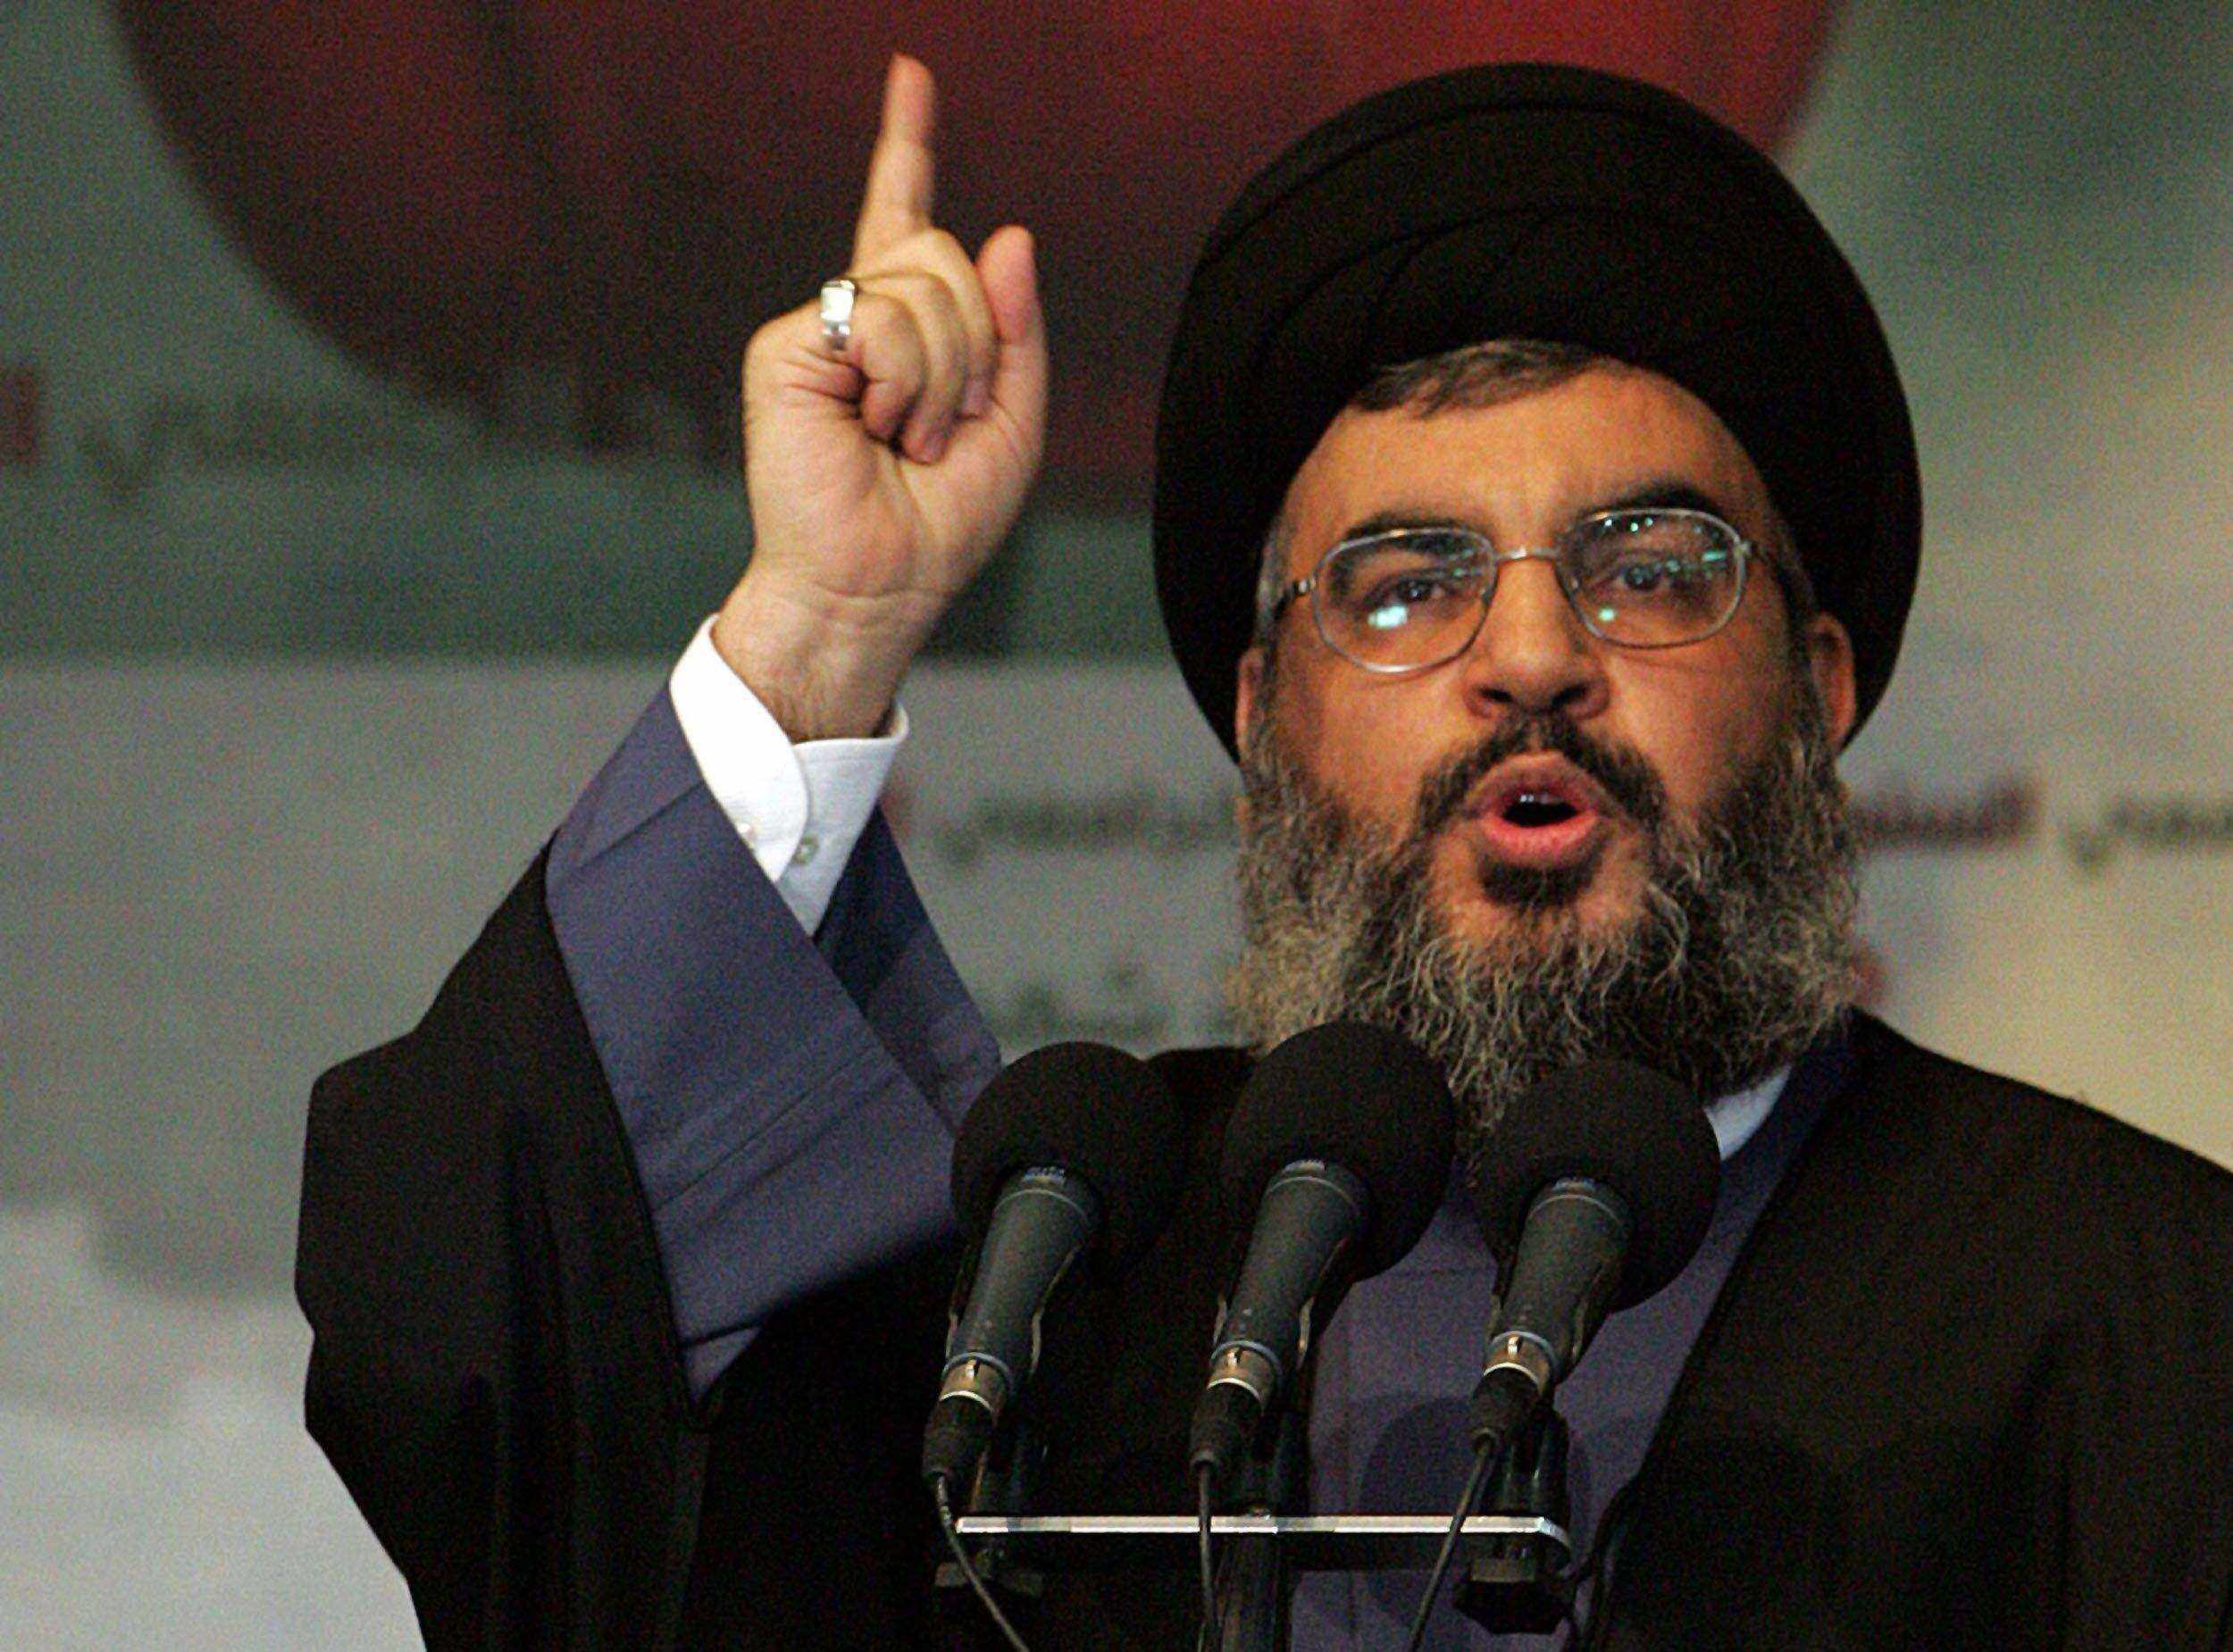 نصر الله: من يريد أن يرفع إسرائيل سيسقط معها